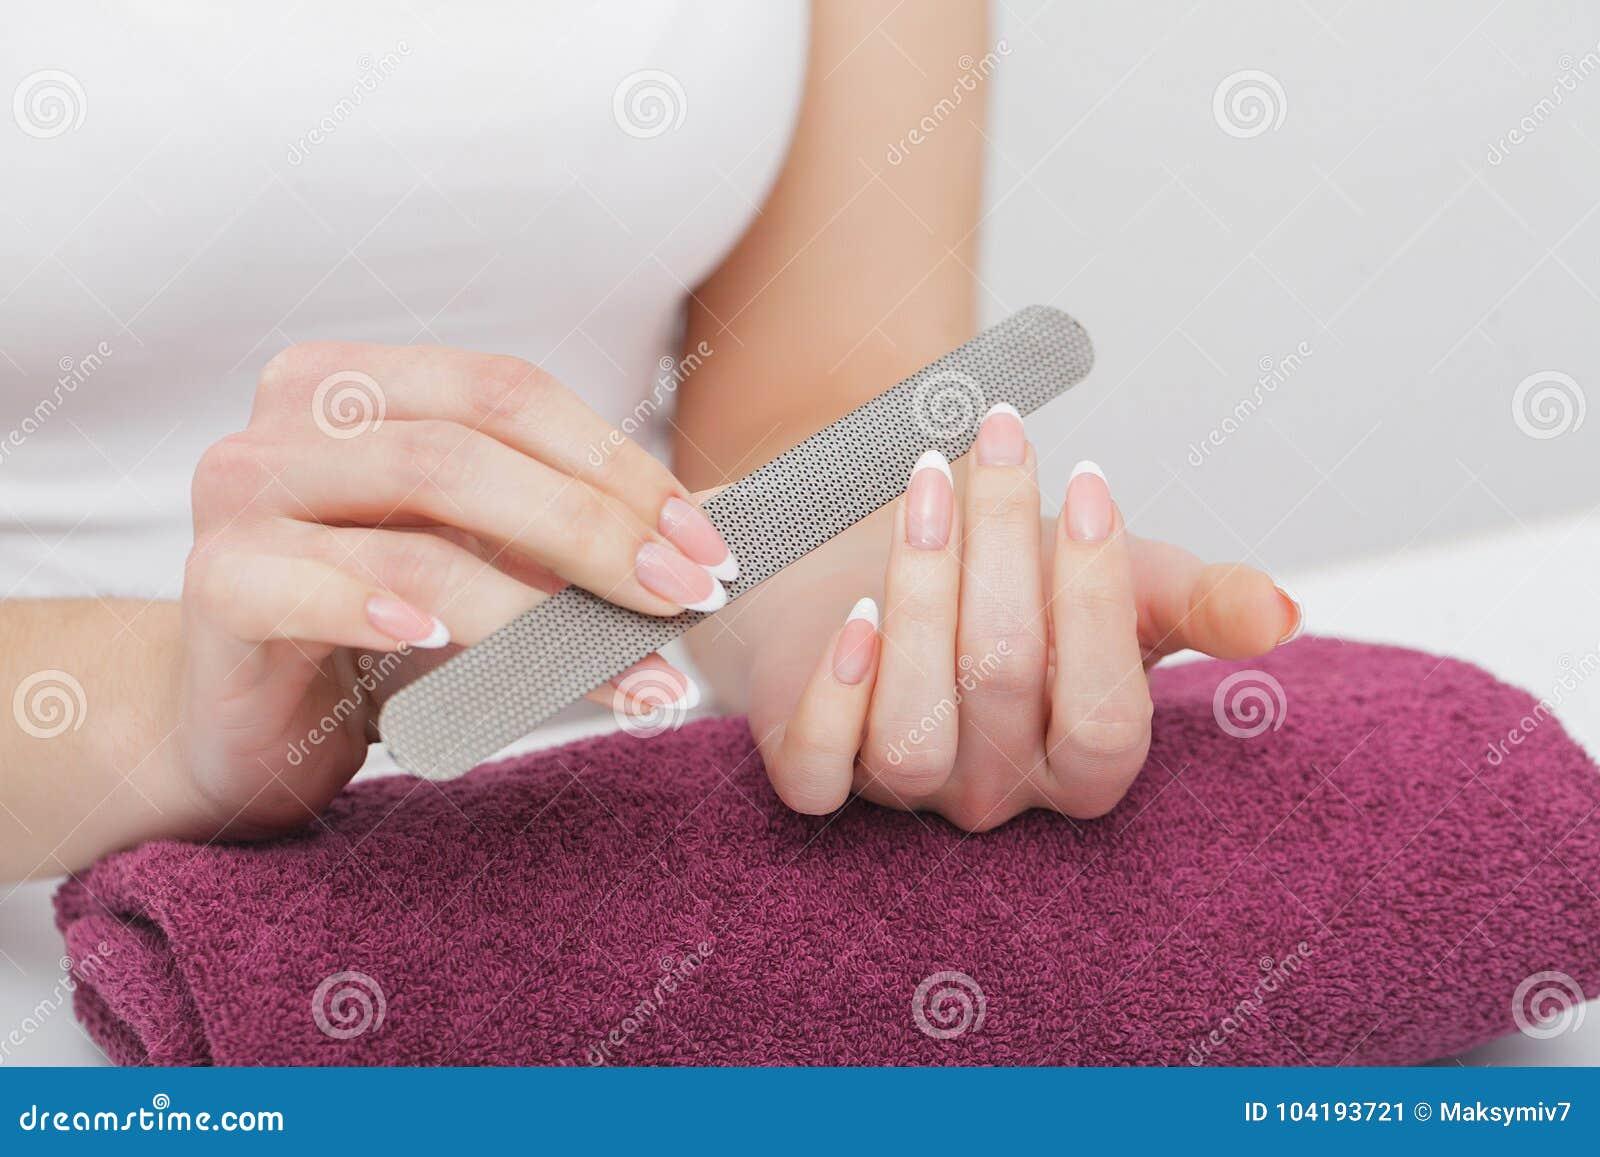 vlagalish-smazkoy-sperma-i-zhenskie-ruki-samolete